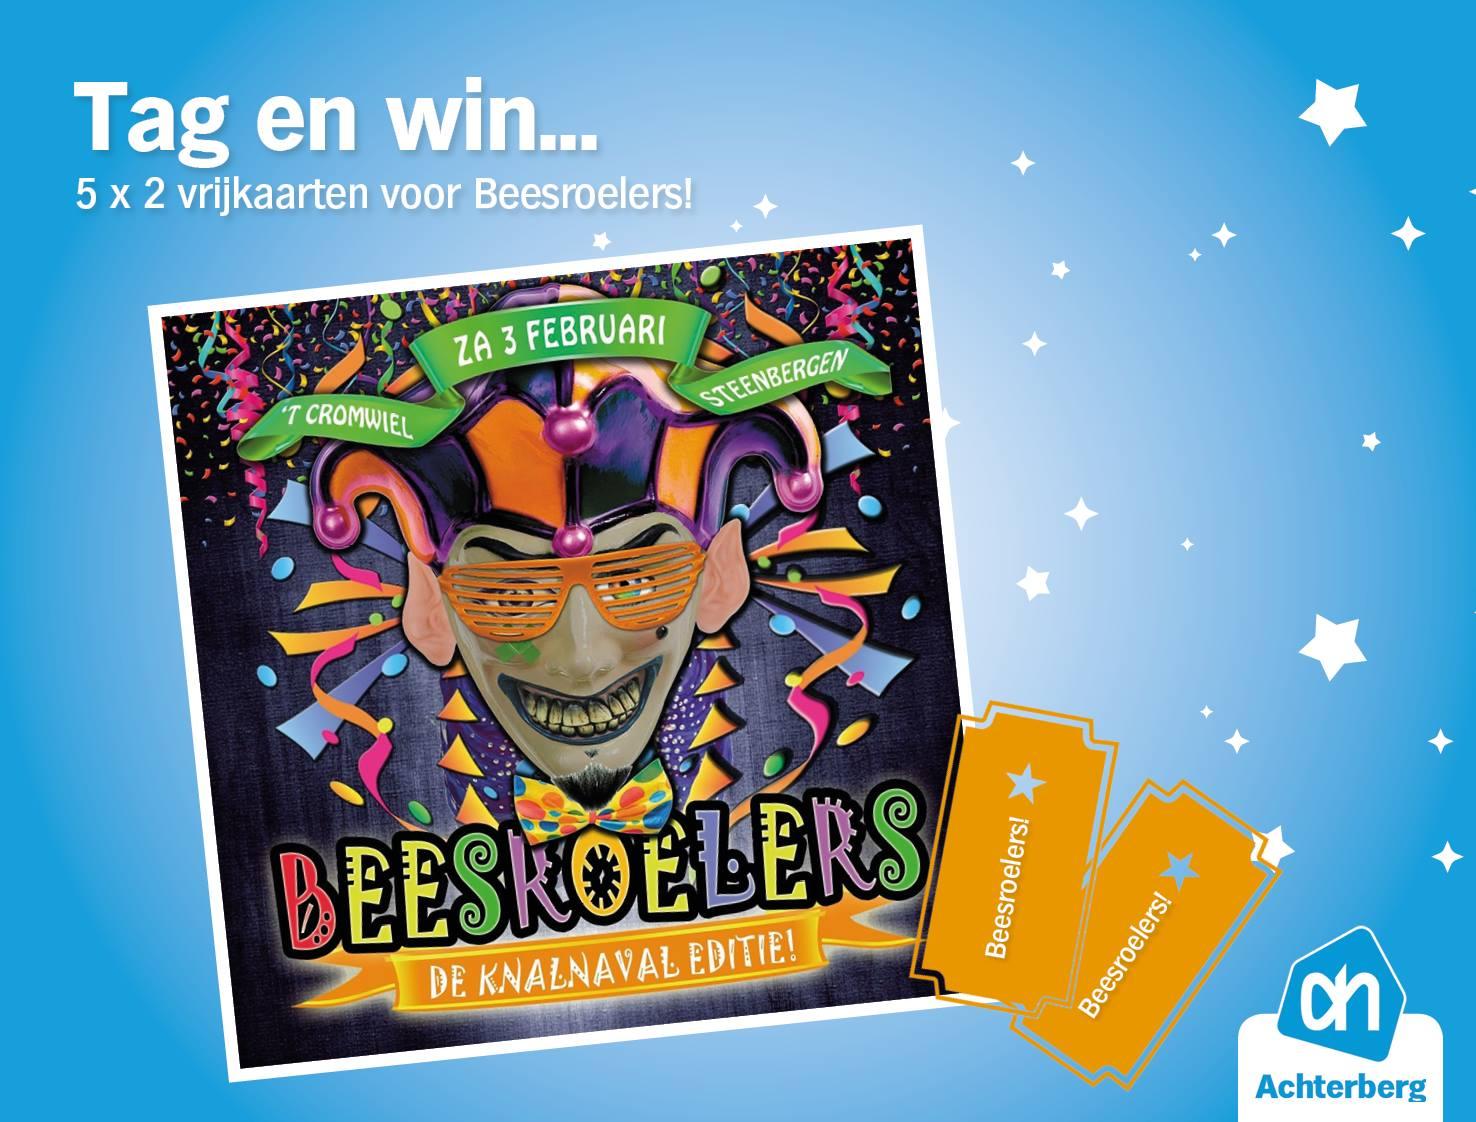 Tag en win…. 5 x 2 vrijkaarten voor Beesroelers!